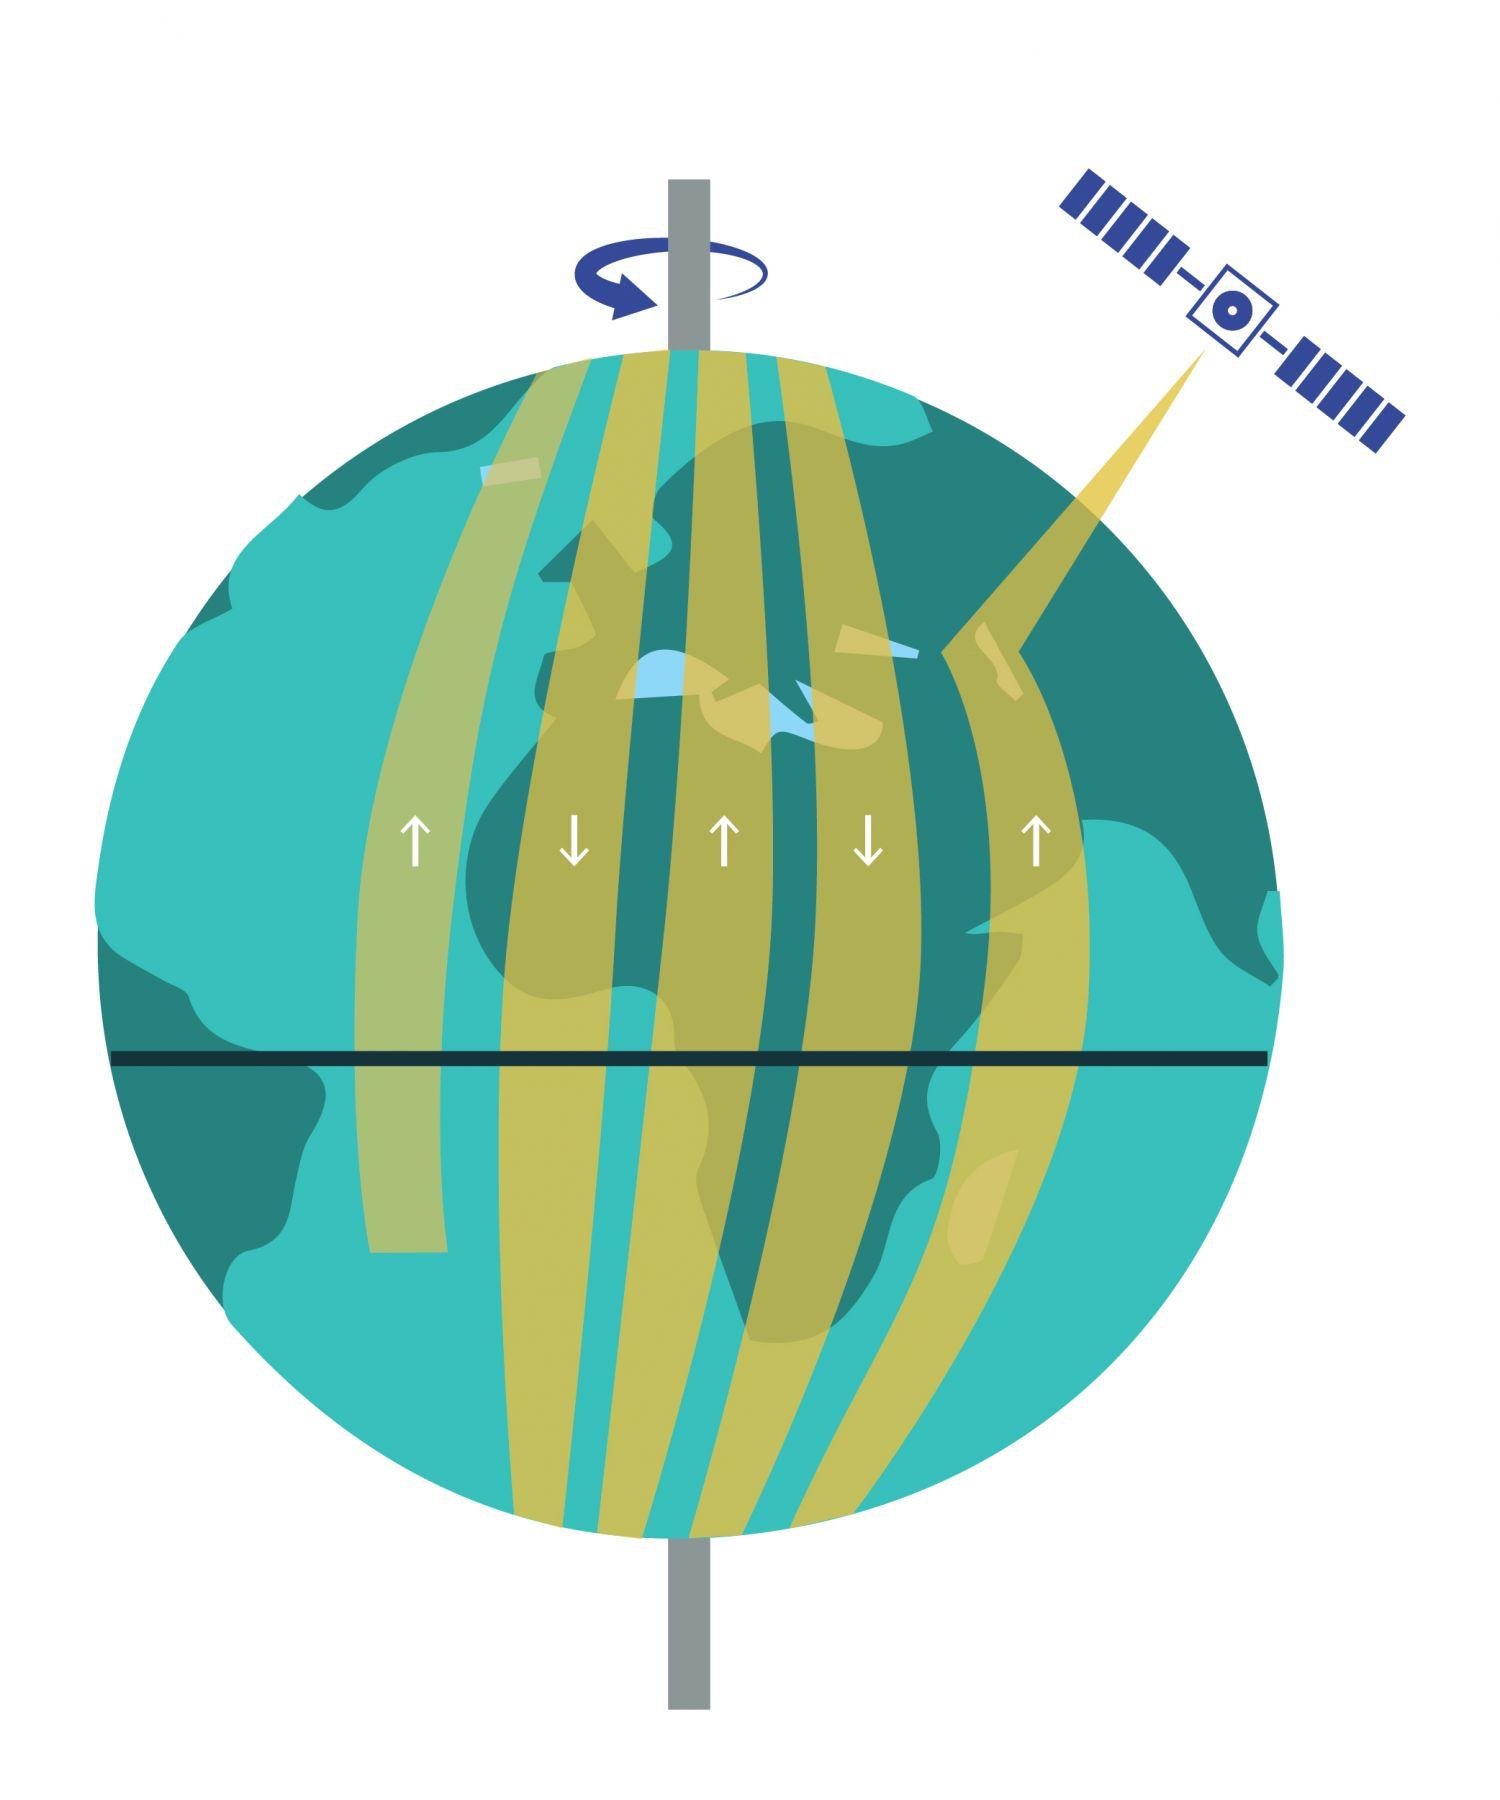 """Área da superfície terrestre medida por um satélite em órbita quase-polar. Cada faixa iluminada corresponde à pegada do satélite numa passagem ascendente (com a correspondente passagem descendente pelo outro lado da Terra).No caso dos satélites em órbitas quase-polares a área da superfície da Terra que é medida pelos sensores é determinada pelo facto de a Terra estar a girar sob a órbita (ascendente ou descendente) do satélite. A área terrestre que o sensor cobre em cada passagem é a sua chamada """"pegada"""". Visto que a Terra vai rodando por debaixo do satélite, a área terrestre que o satélite cobre por dia depende da quantidade de vezes que consegue descrever órbitas completas à Terra, ou seja, depende do período orbital do satélite. Satélites que descrevam várias voltas à Terra no período de um dia sideral, vão ser capazes de cobrir uma maior área da Terra, e as pegadas ficam mais próximas umas das outras. No entanto, até voltarem a fazer medições sobre um mesmo local, i.e., até revisitarem o local, irão demorar mais tempo. A utilização deste ficheiro é regulada nos termos da licença Creative Commons Attribution 4.0 (CC BY-NC-ND 4.0, https://creativecommons.org/licenses/by-nc-nd/4.0/)"""